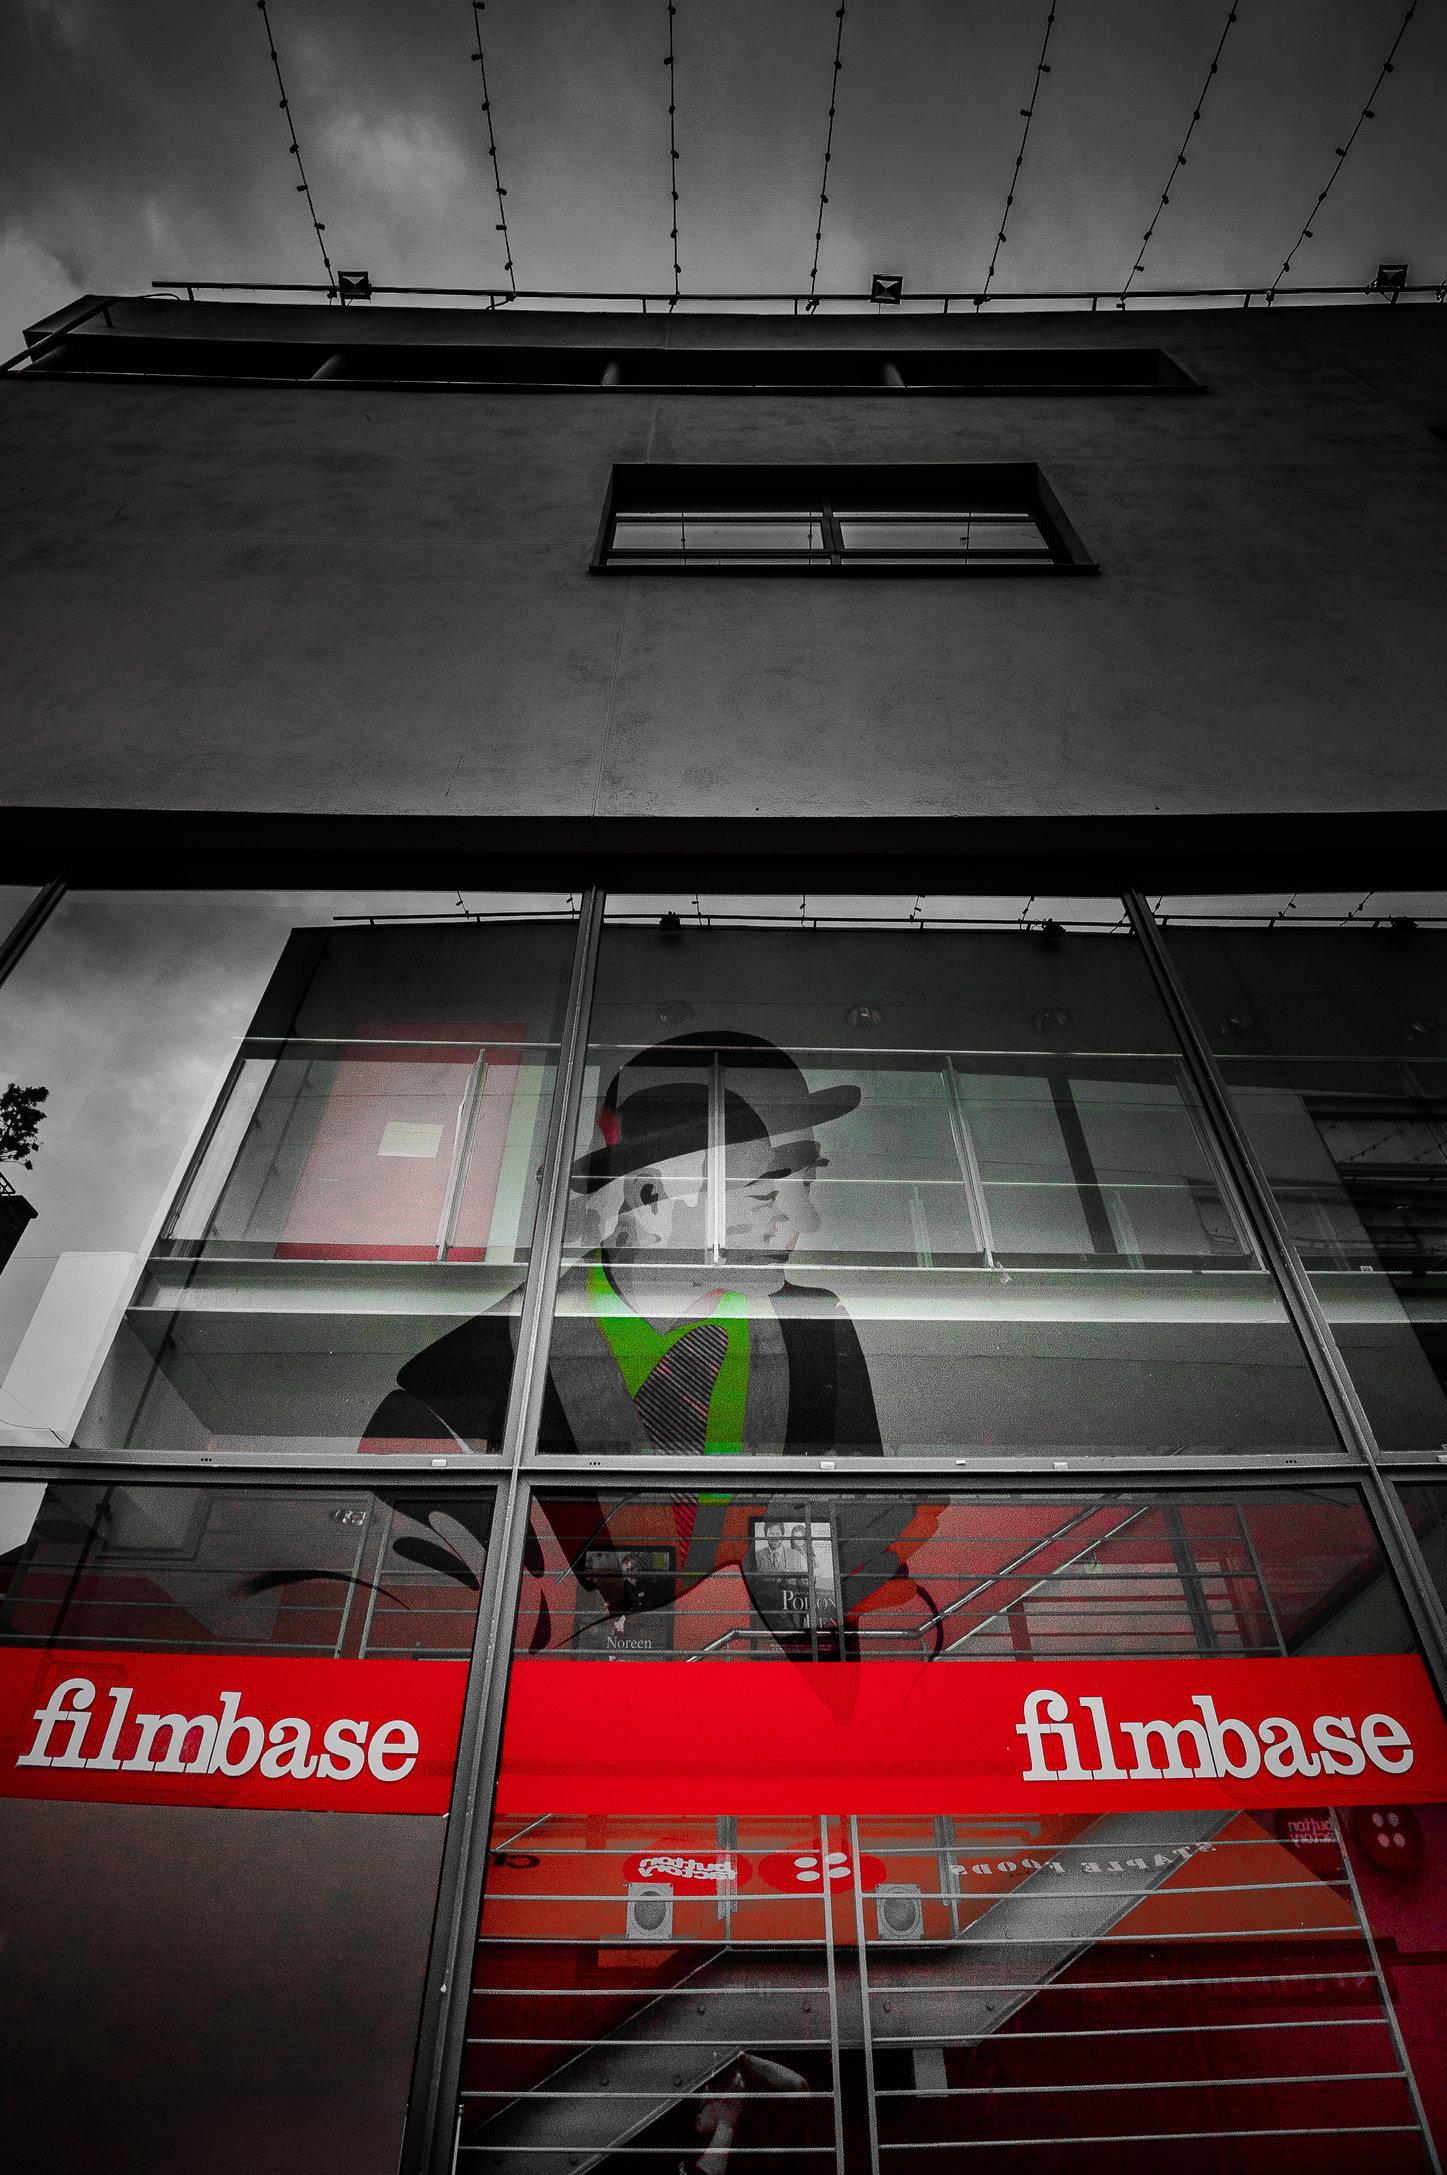 Back Lines filmbase-MASTER COPY.jpg